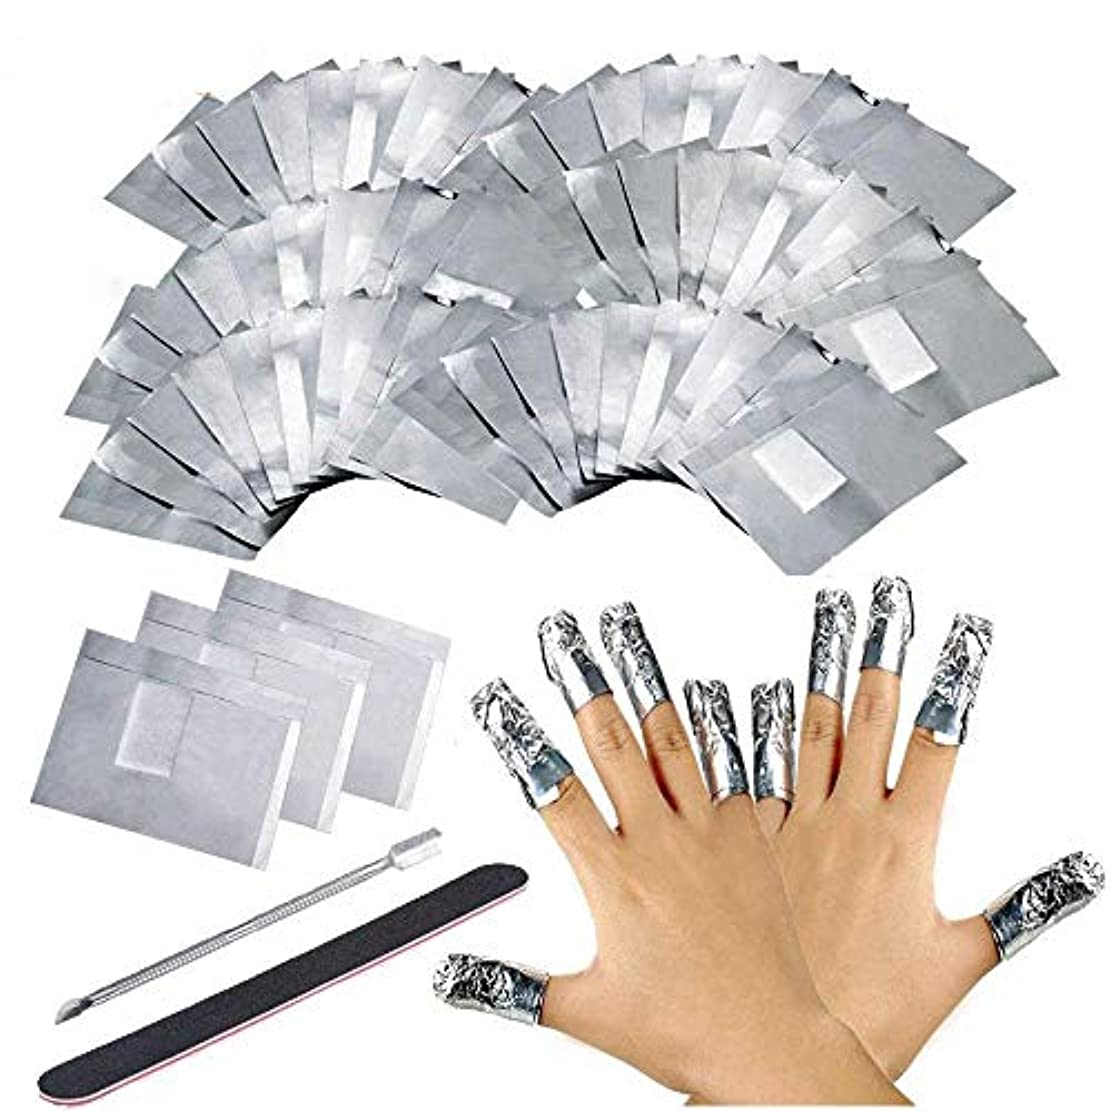 めまい扱う一200枚 ジェルネイル リムーバー アセトン ジェル 使い捨て ネイル用品, ジェルオフリムーバー アクリルUVジェル, 付き 1本ネイルオフプッシャー そして 1本 ネイルファイル